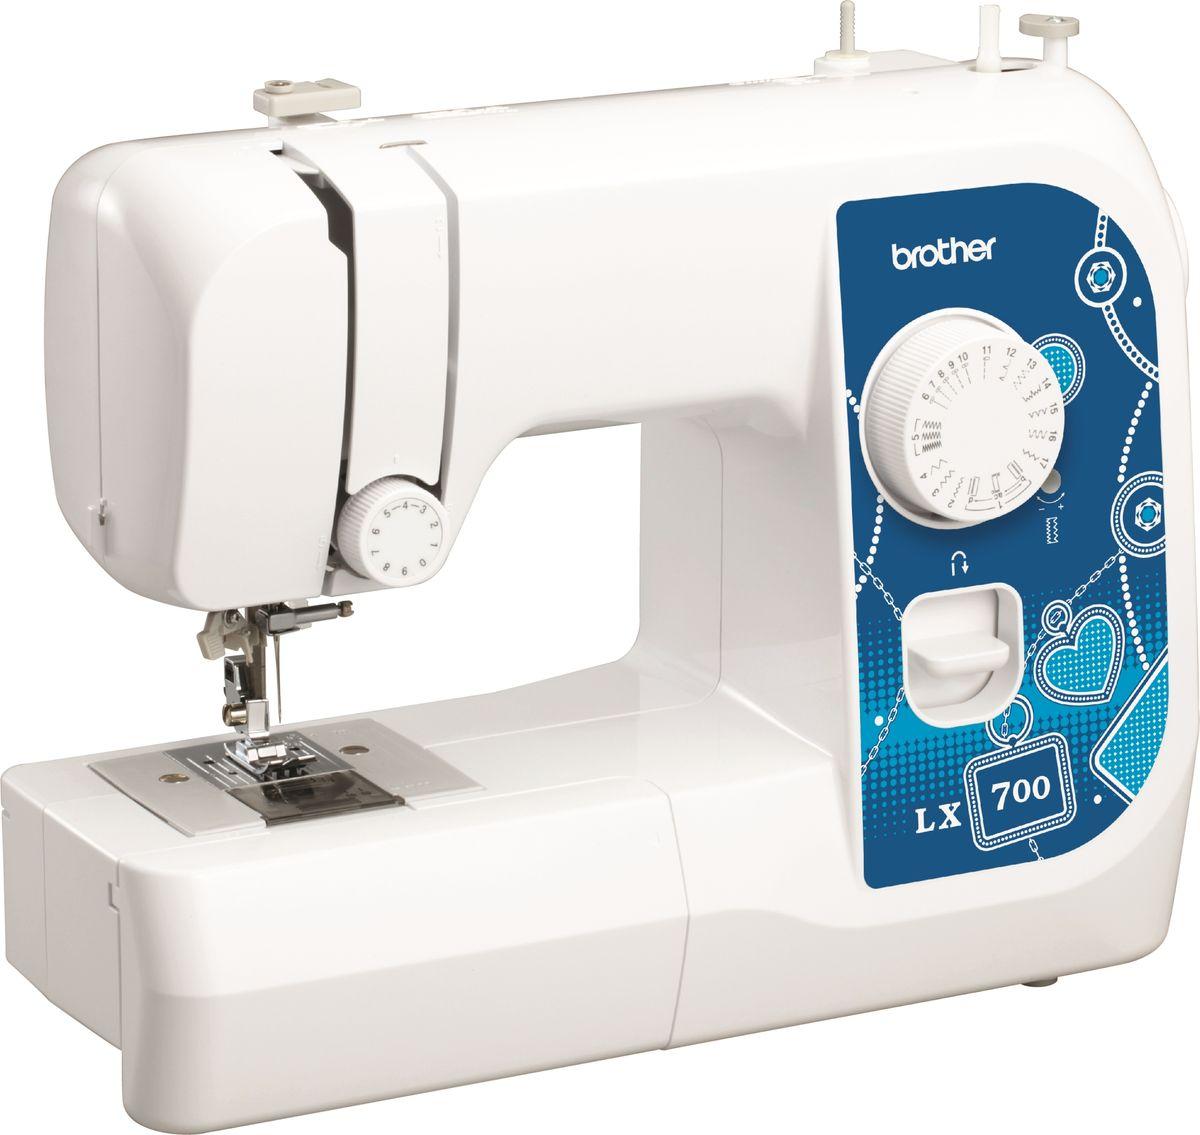 Brother LX700 швейная машинаLX700Машина LX700 идеально подходит для выполнения основных швейных операций при изготовлении и ремонте одежды. Эта надежная машина имеет традиционный набор функций, который необходим для шитья.Особенности17 строчекГоризонтальный челнокНитевдевательАвтоматическая намотка шпулькиДва направления шитья (вперед и назад)LED освещениеСвободный рукав